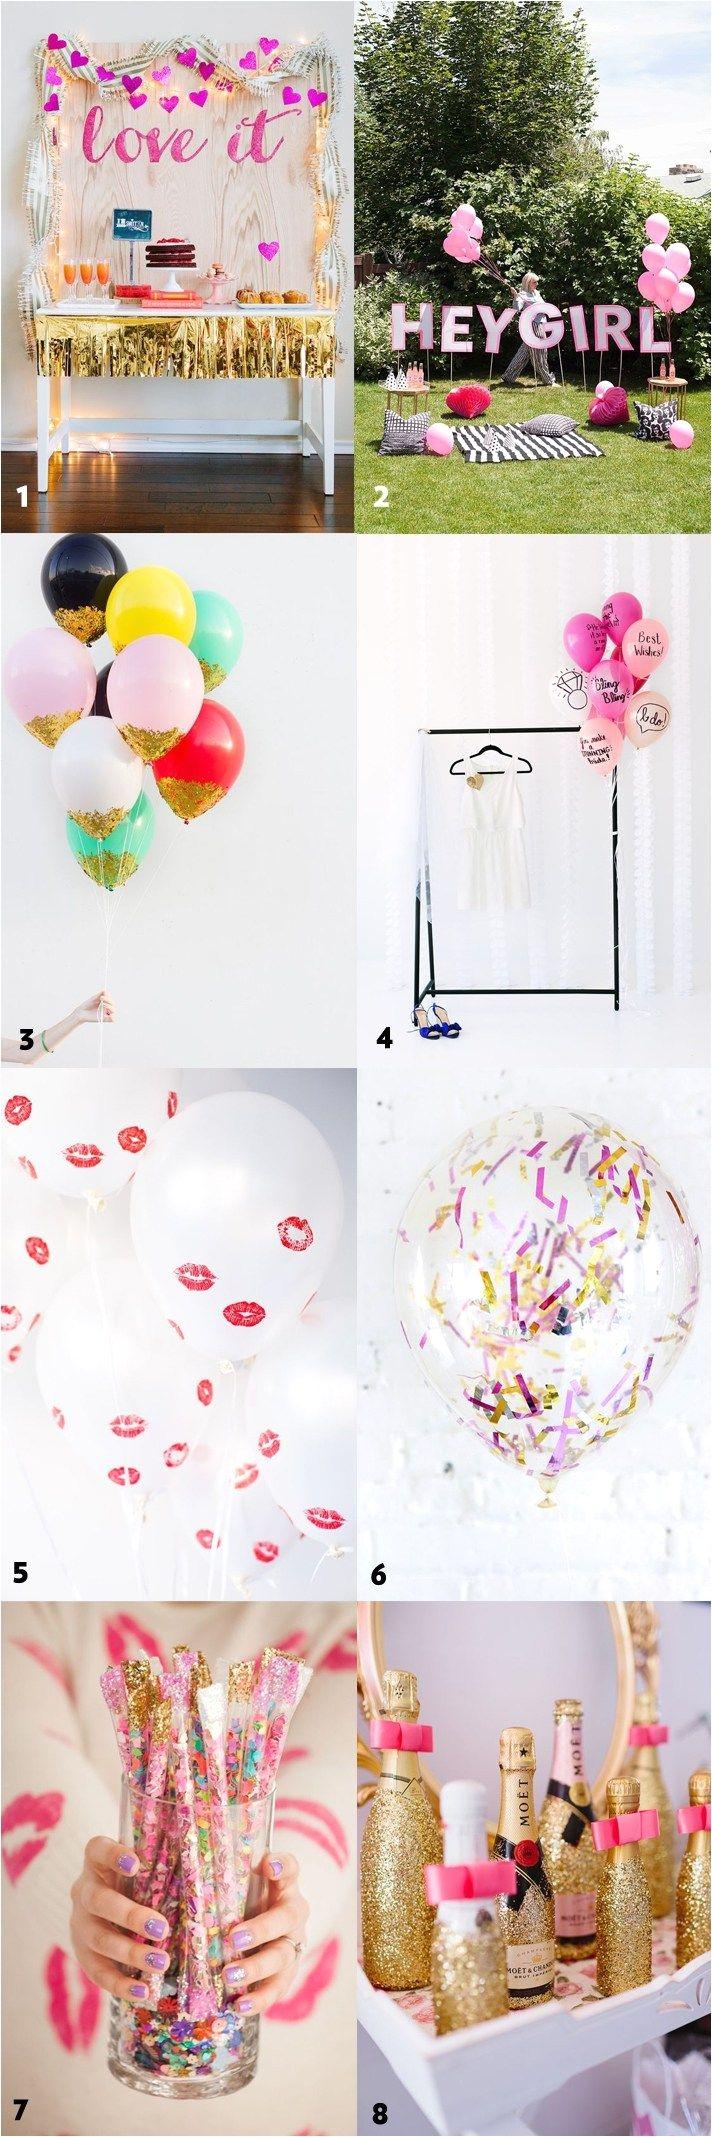 bachelorette party decoration ideas diy 21 best bridal shower images on pinterest bridal showers weddings